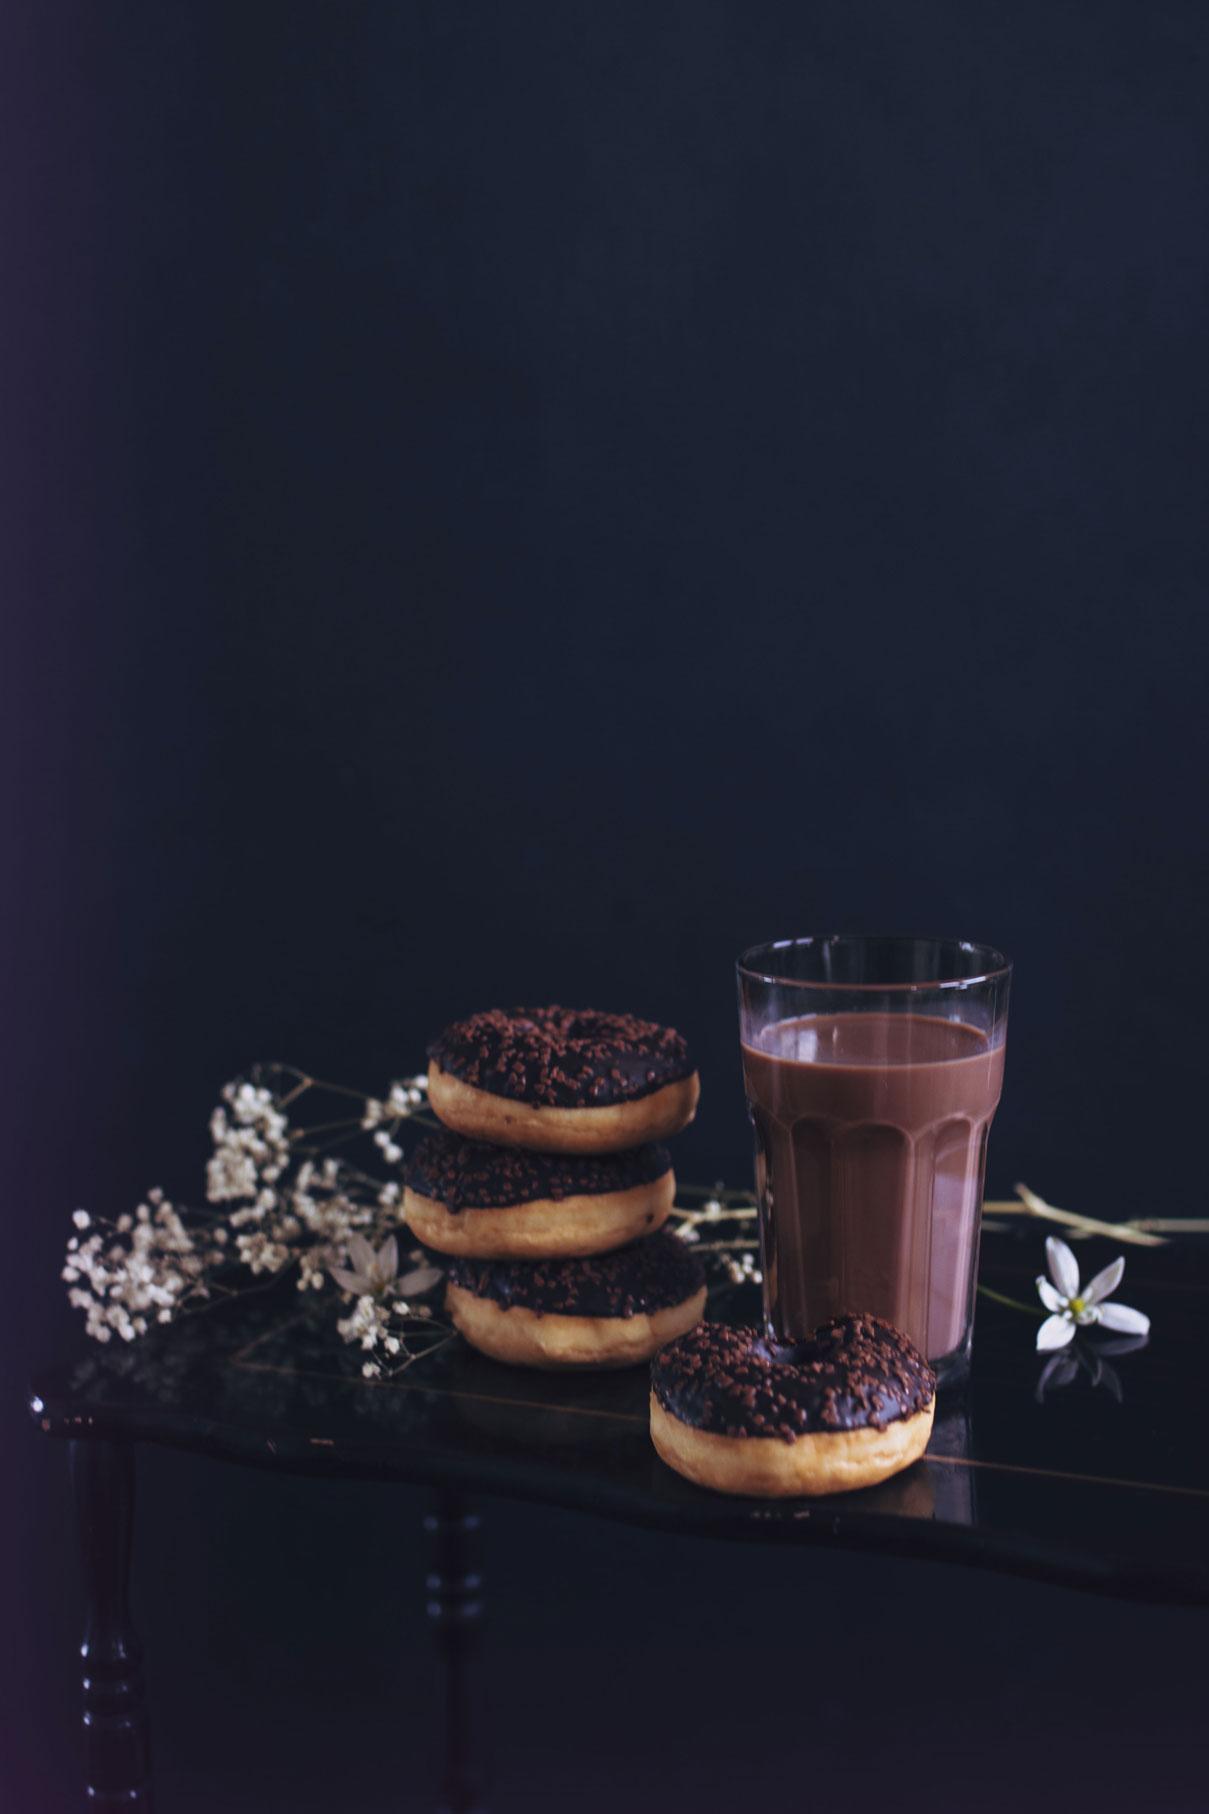 photographie culinaire donuts chocolat à tours